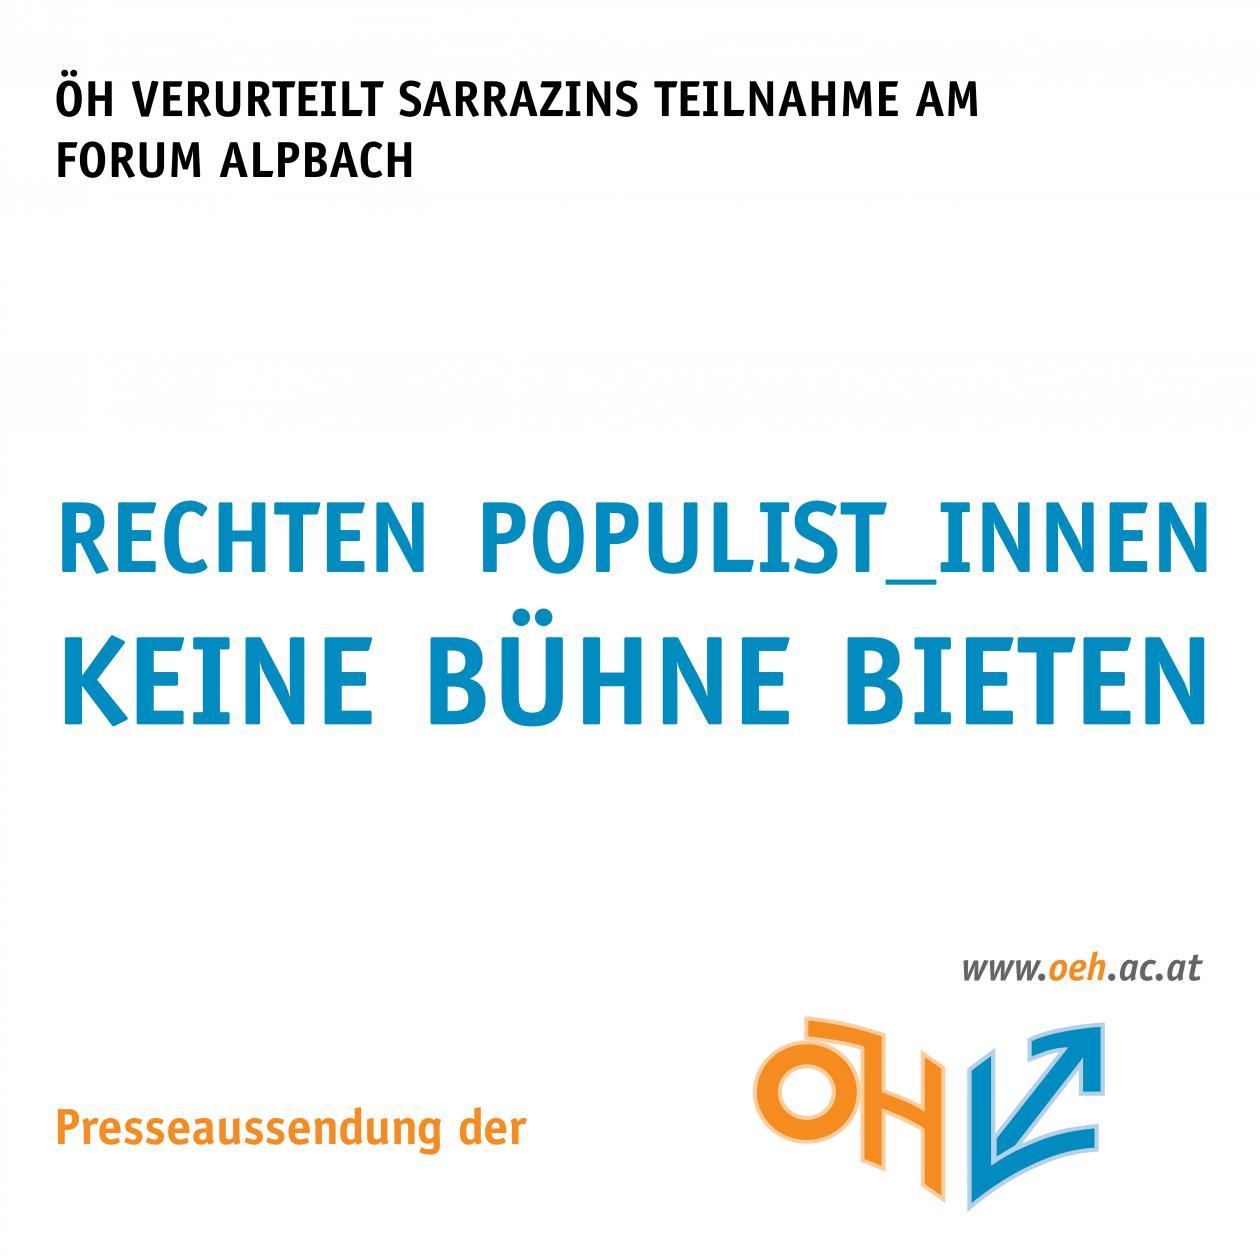 Rechten Populist_innen keine Bühne bieten